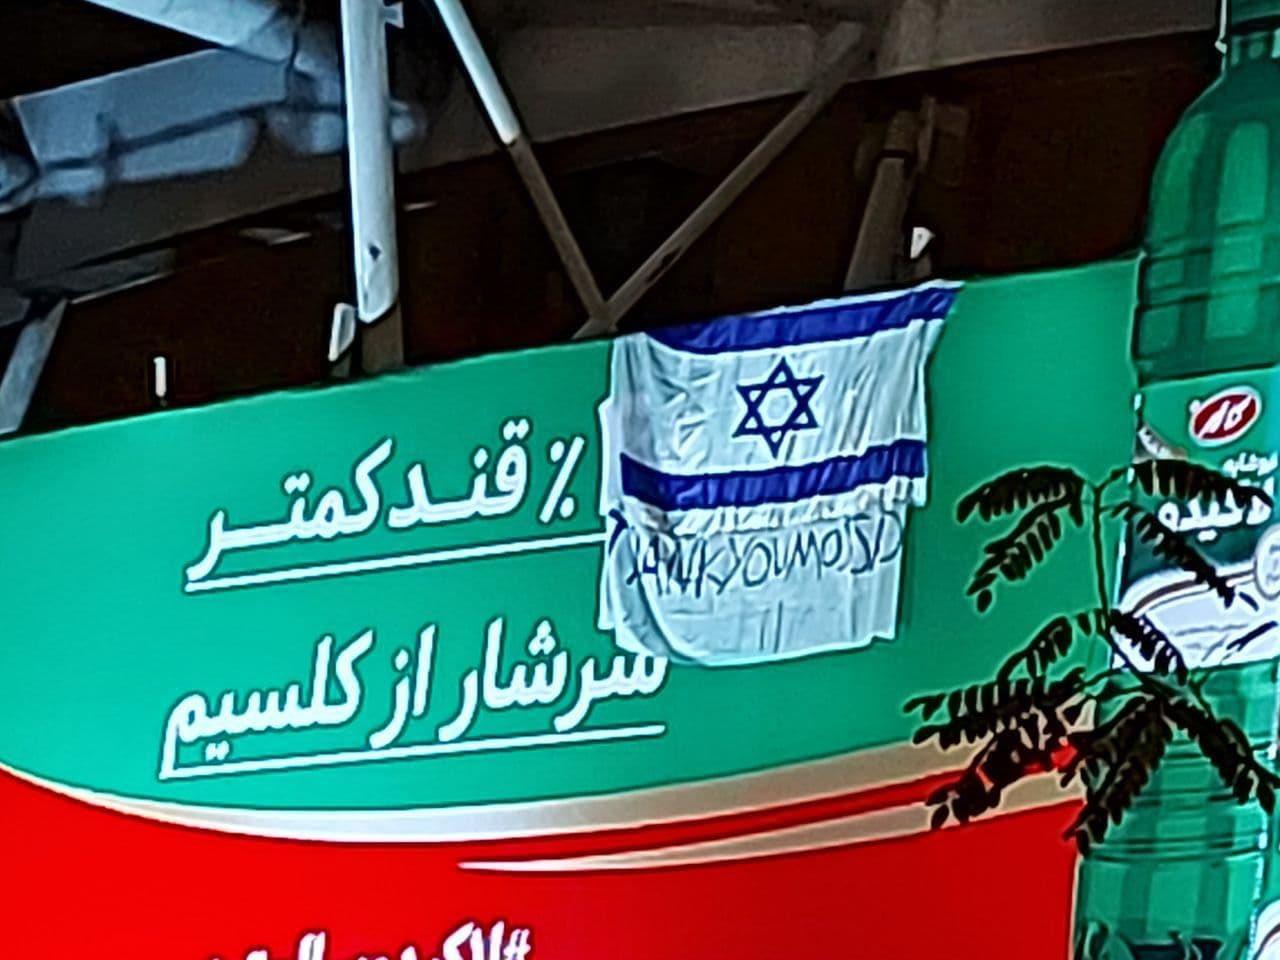 """""""תודה למוסד"""" כרזה בלב טהרן על רקיע חיסול פחריזאדה. האם איראן מחפשת נקמה על חיסול סולימאני בקרוב?"""